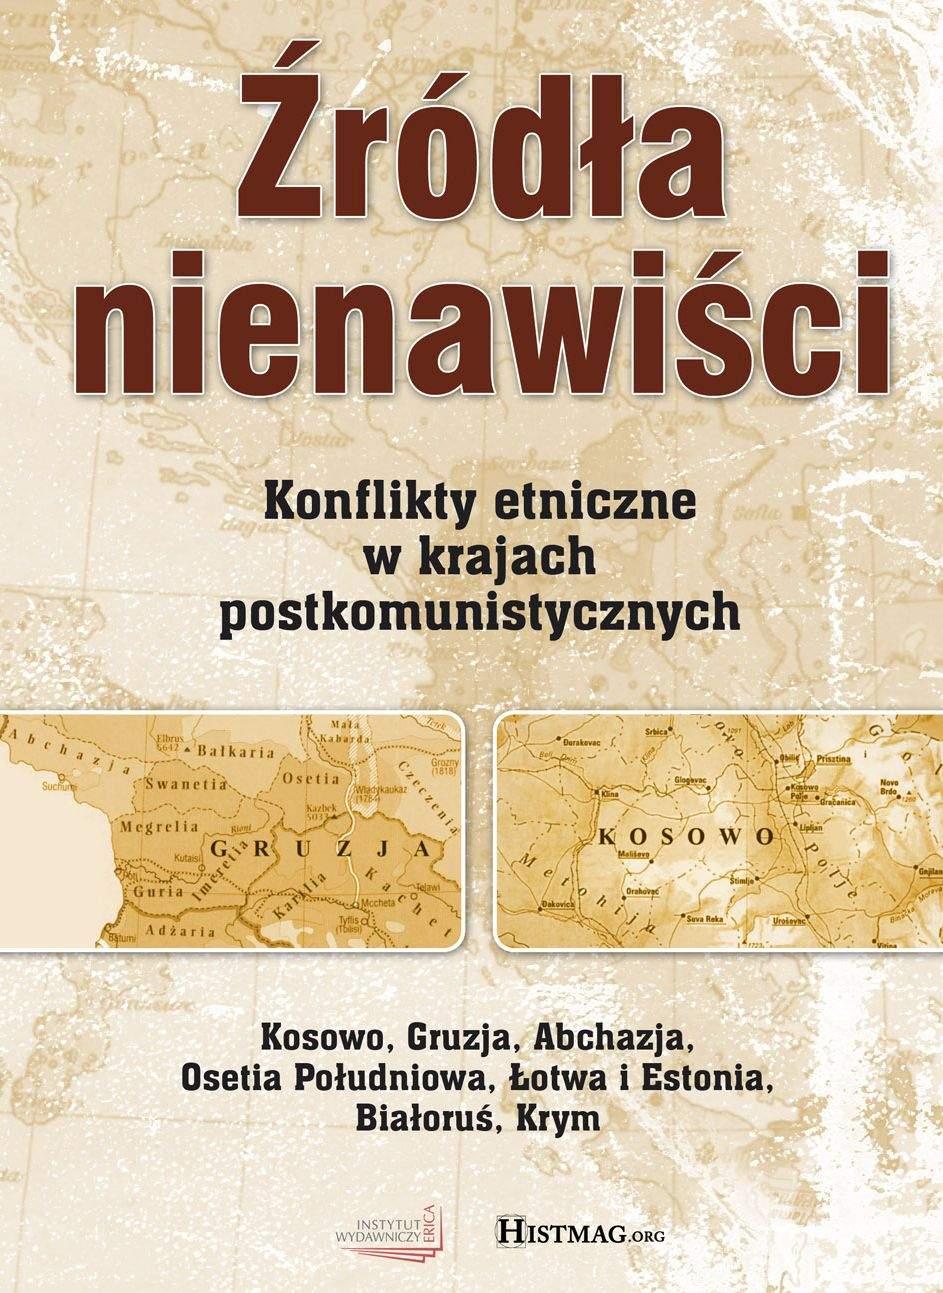 Źródła nienawiści. Konflikty etniczne w krajach postkomunistycznych - Ebook (Książka PDF) do pobrania w formacie PDF